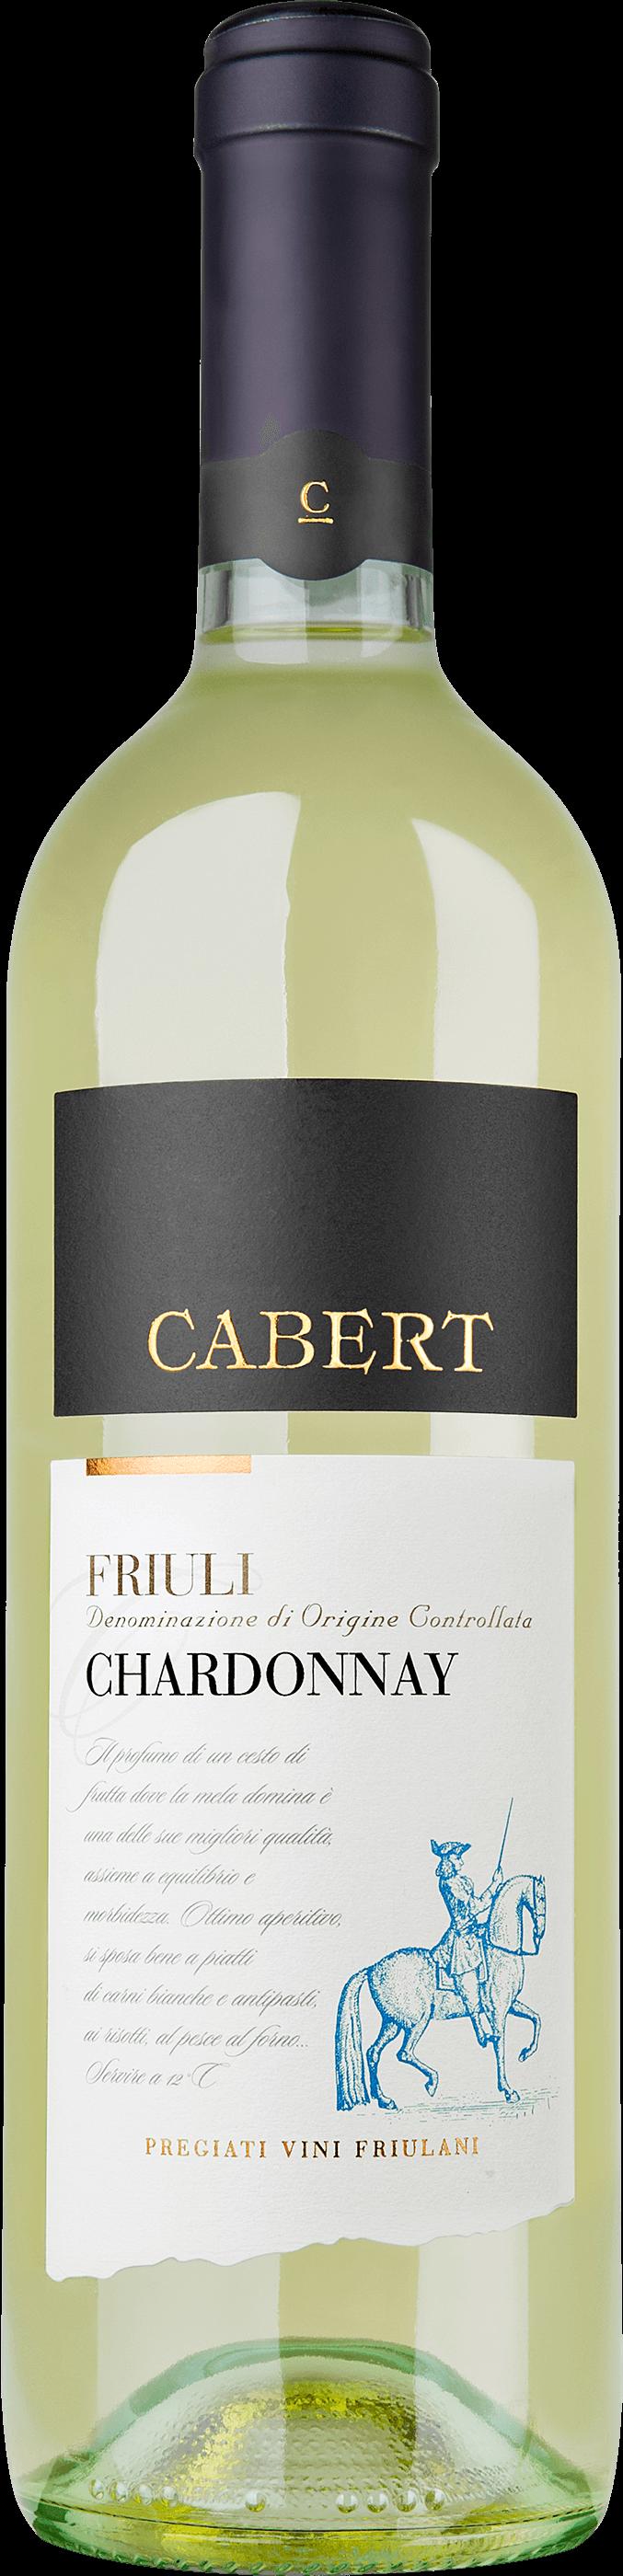 Chardonnay Friuli Grave Doc - Cabert - Vino Friuli Venezia Giulia